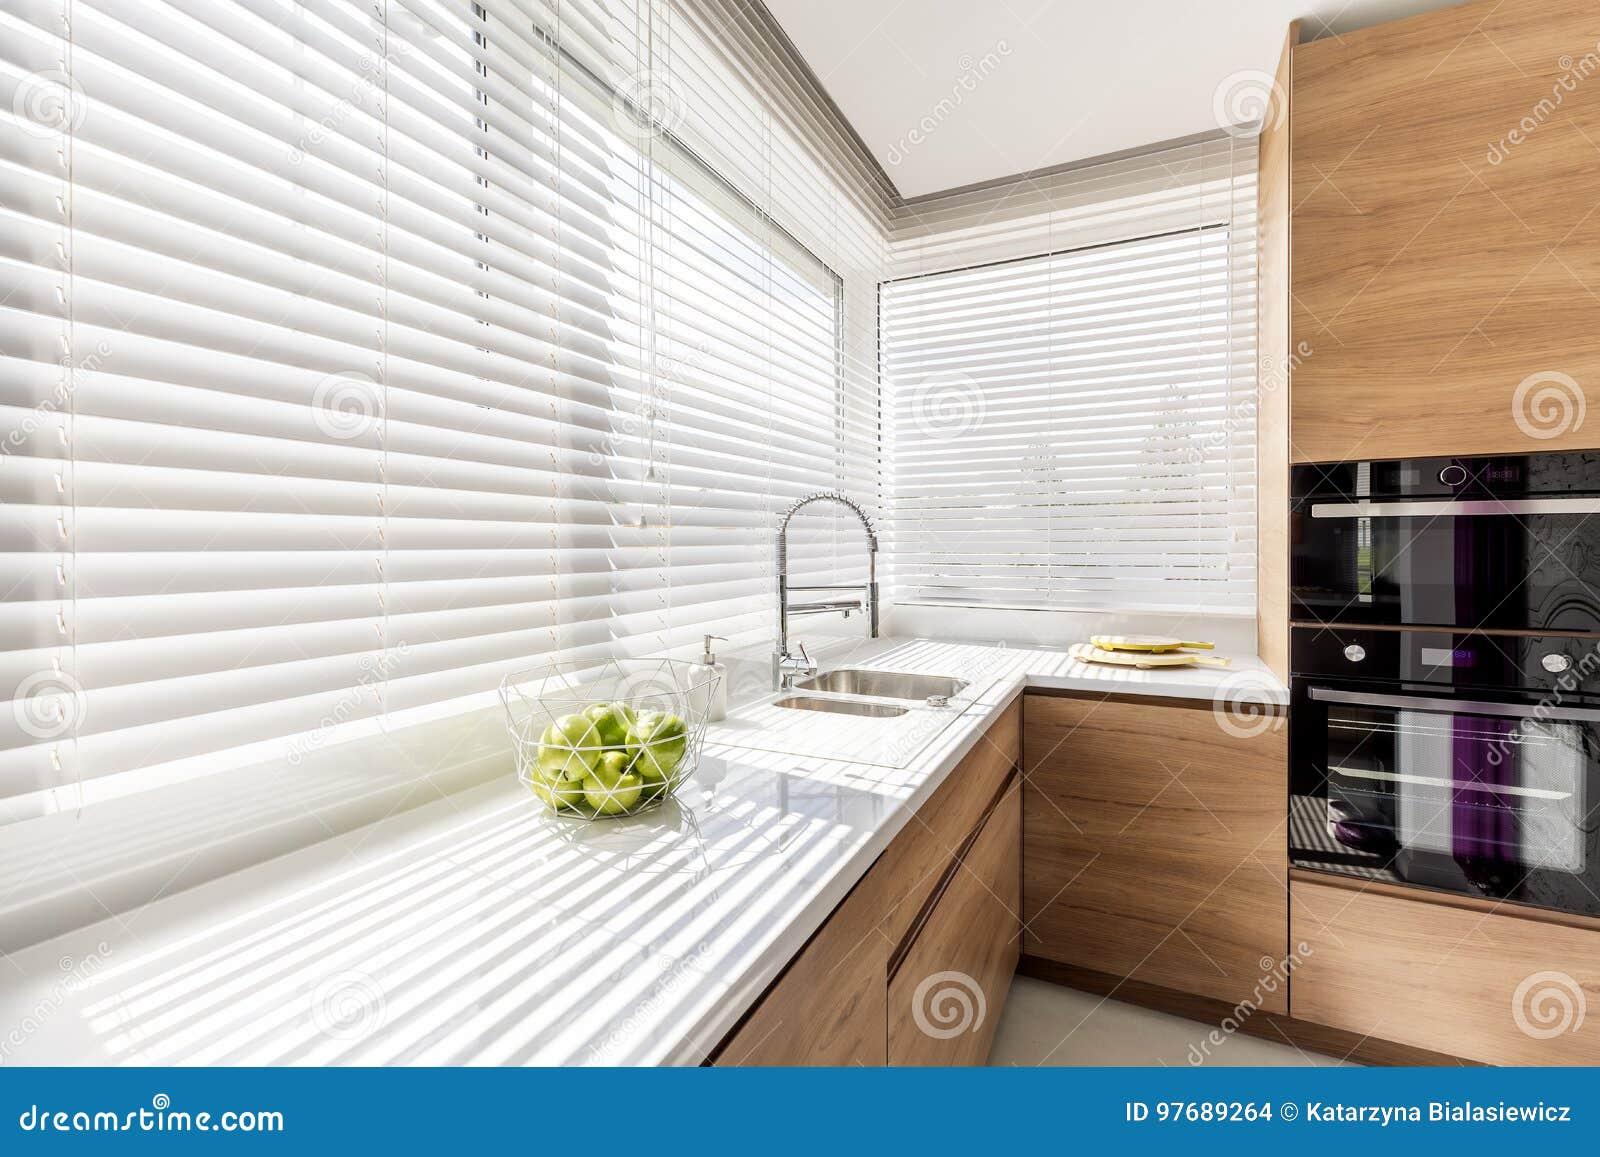 Küche mit weißen Jalousien stockfoto. Bild von dekor - 97689264